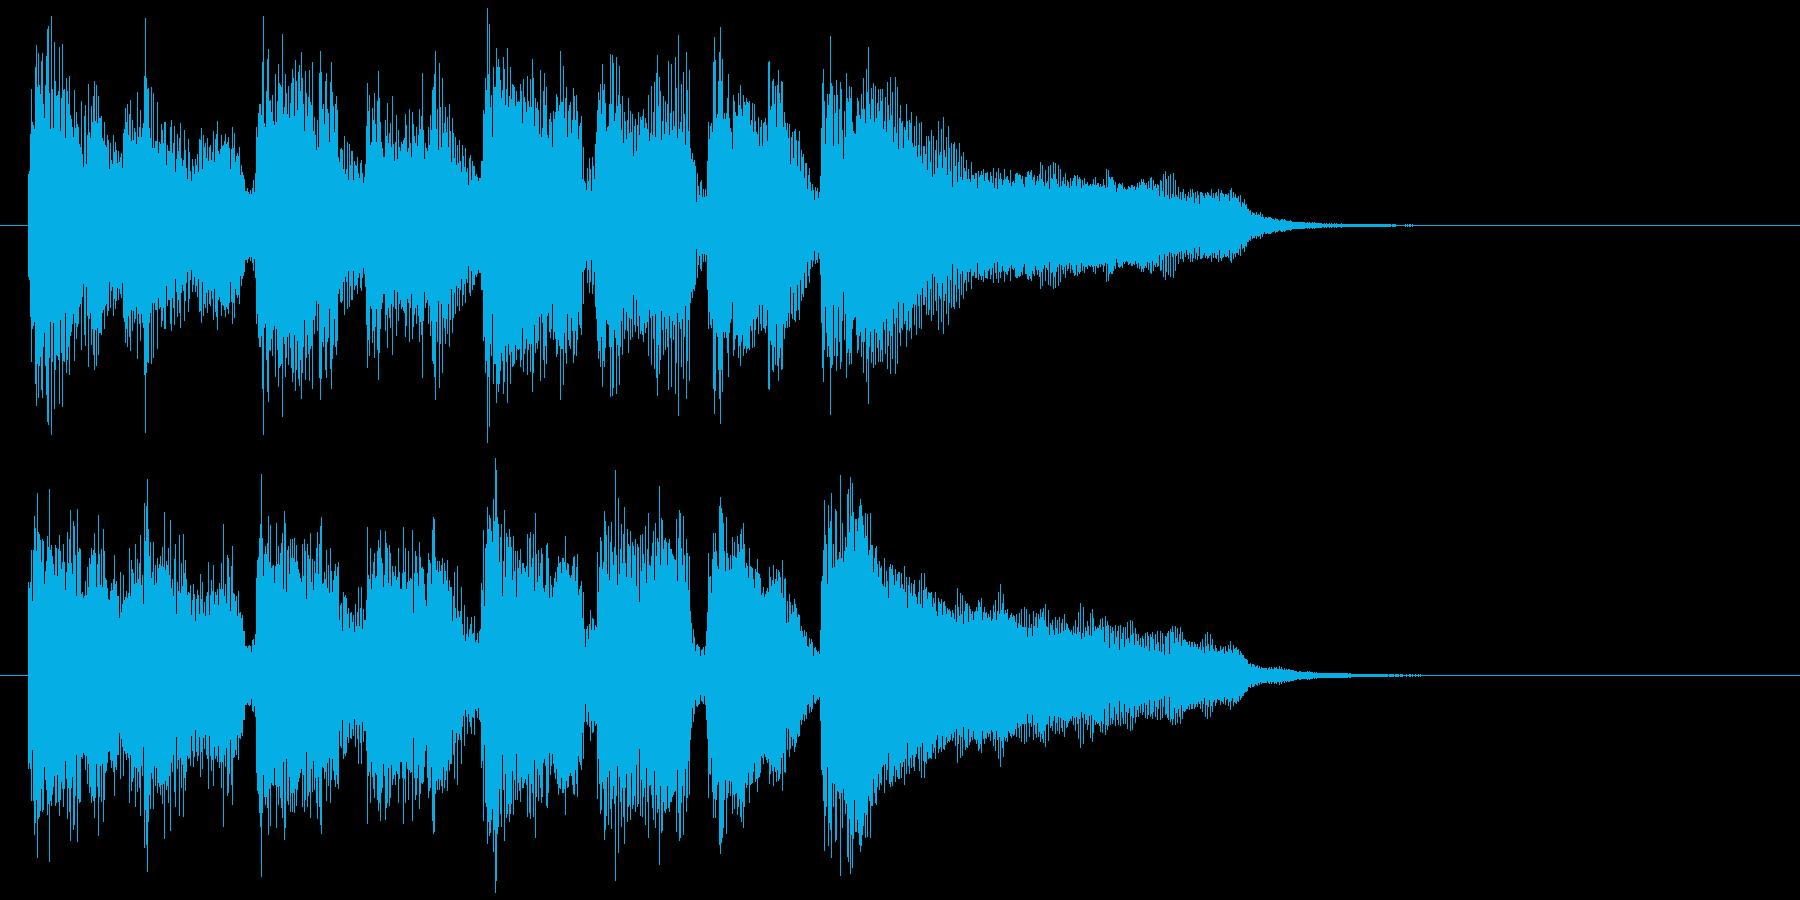 ブラス系の高揚感ある爽快なサウンドロゴの再生済みの波形